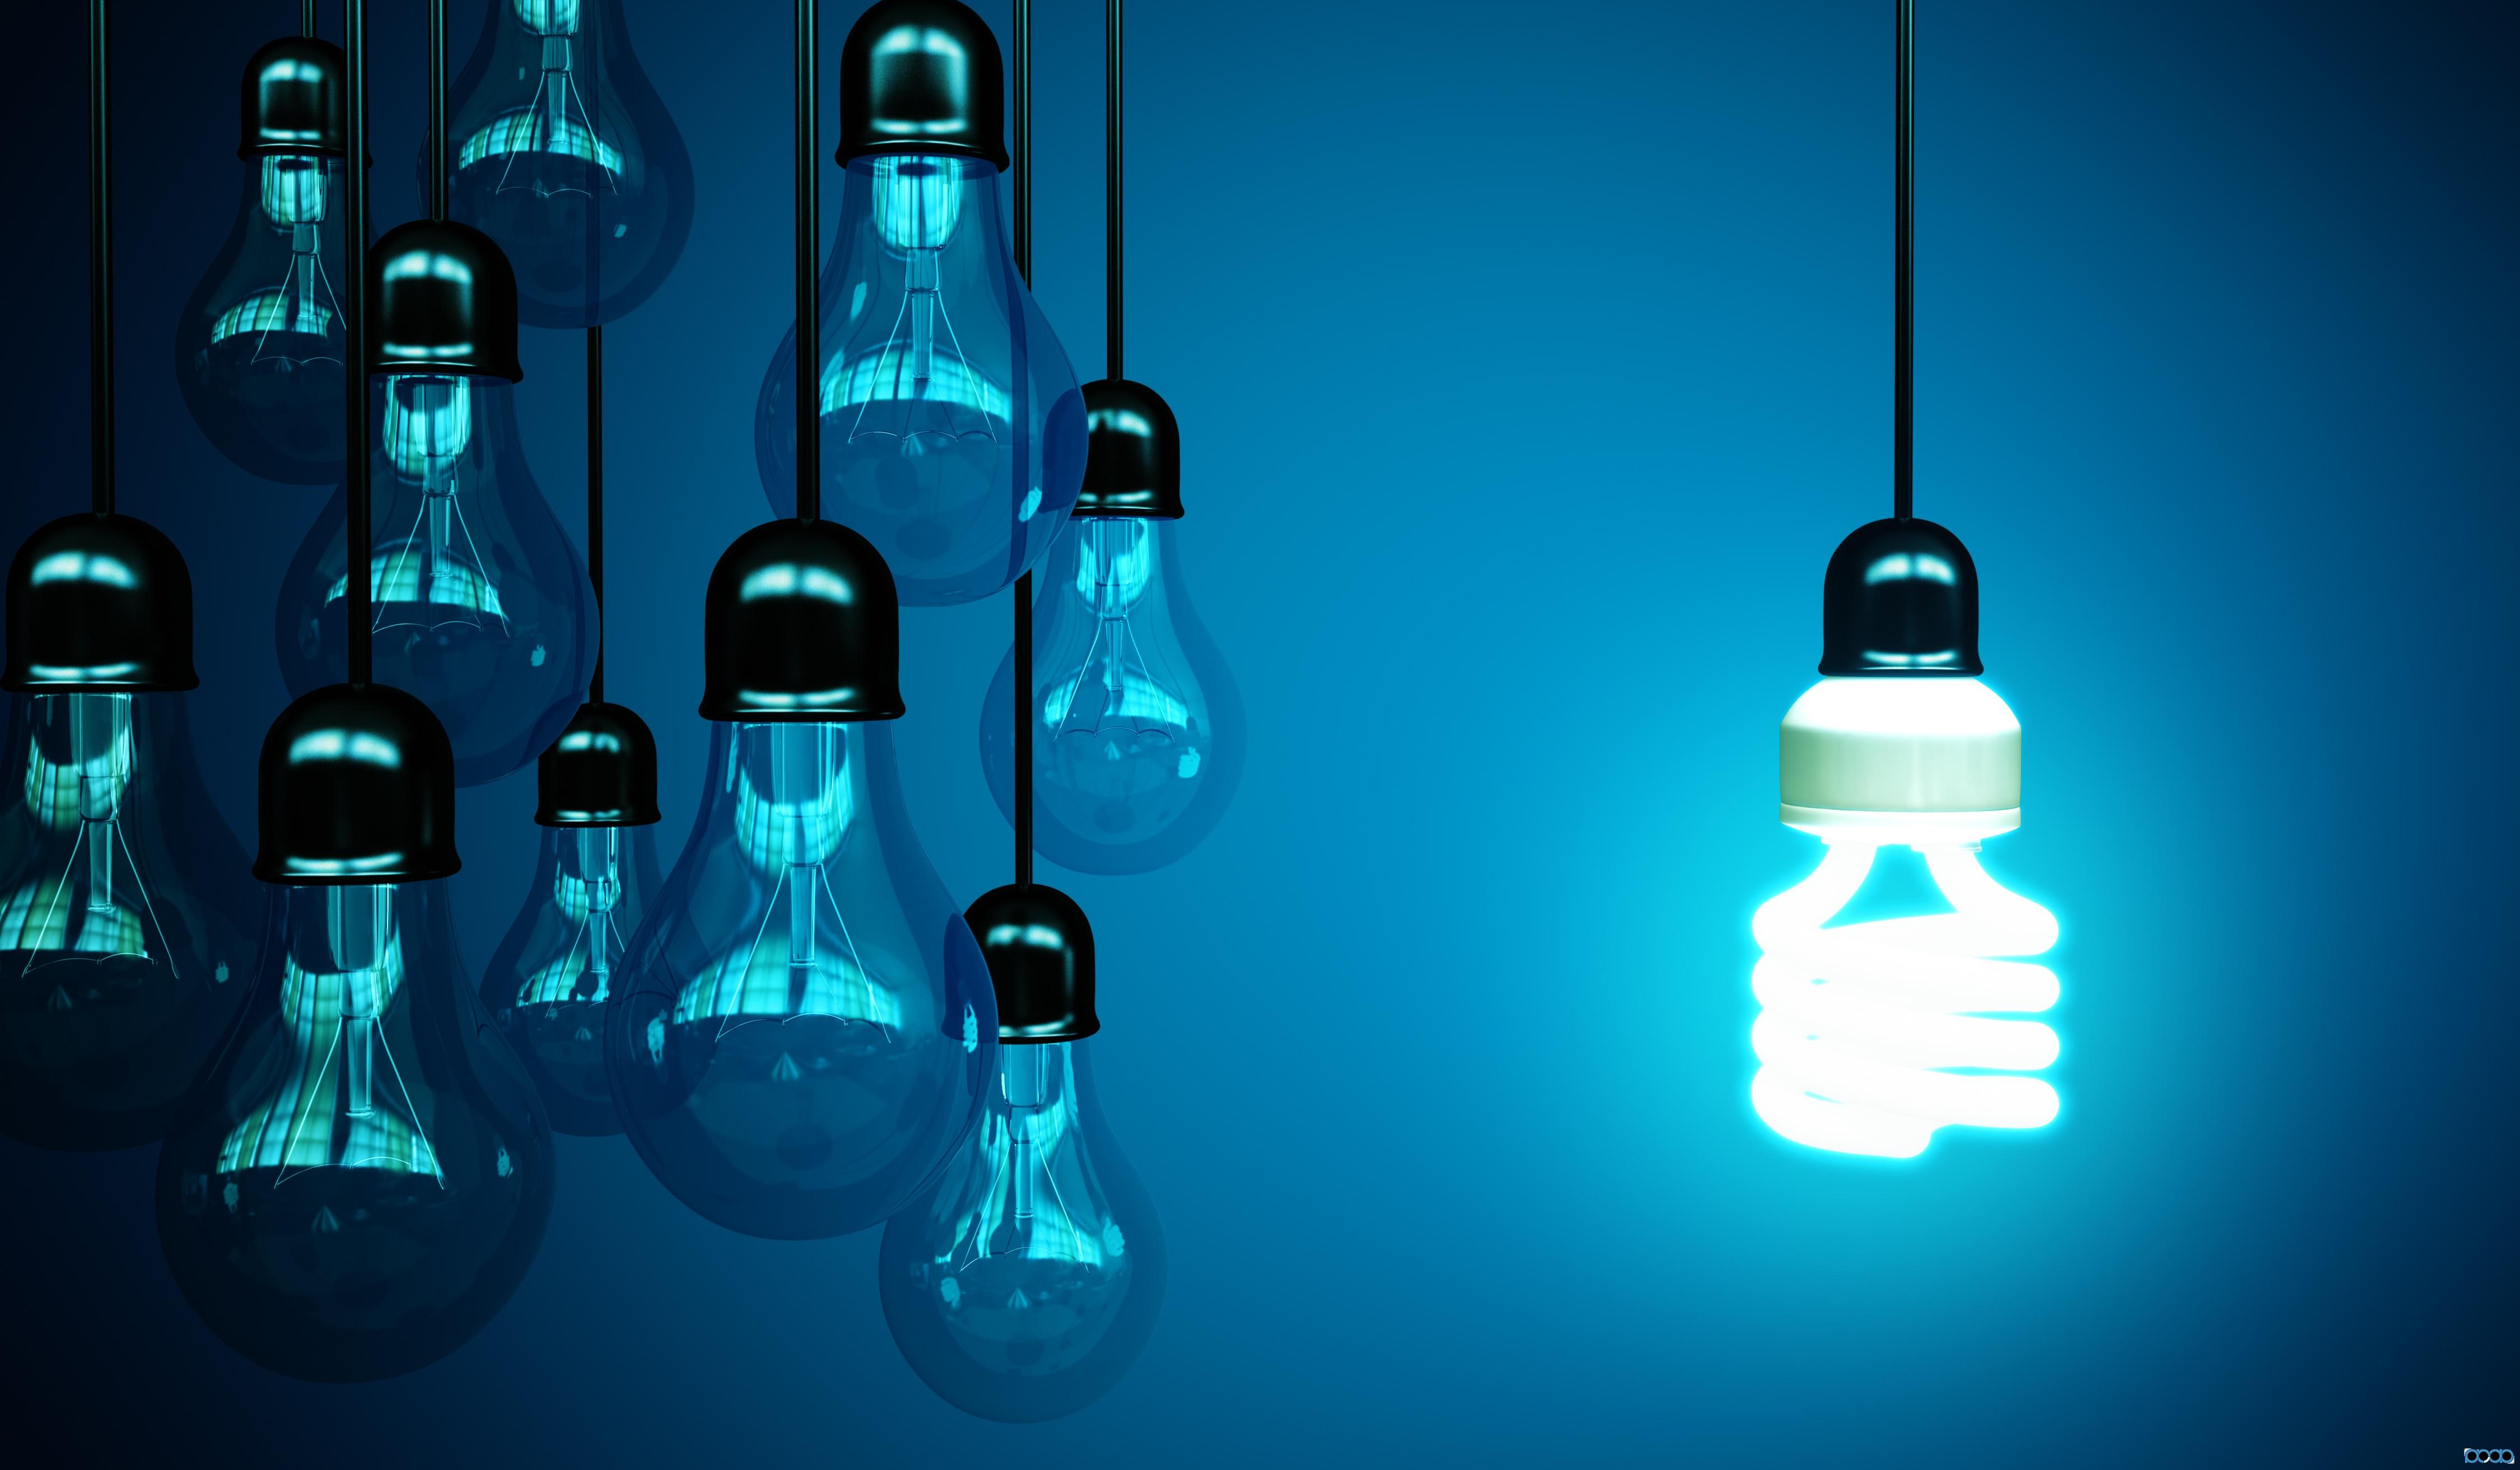 خاموش کردن یک لامپ هم کمک مؤثری به اقتصادکشور میکند/هیچ تکنولوژی برای کنترل مصرف برق خانگی وجود ندارد